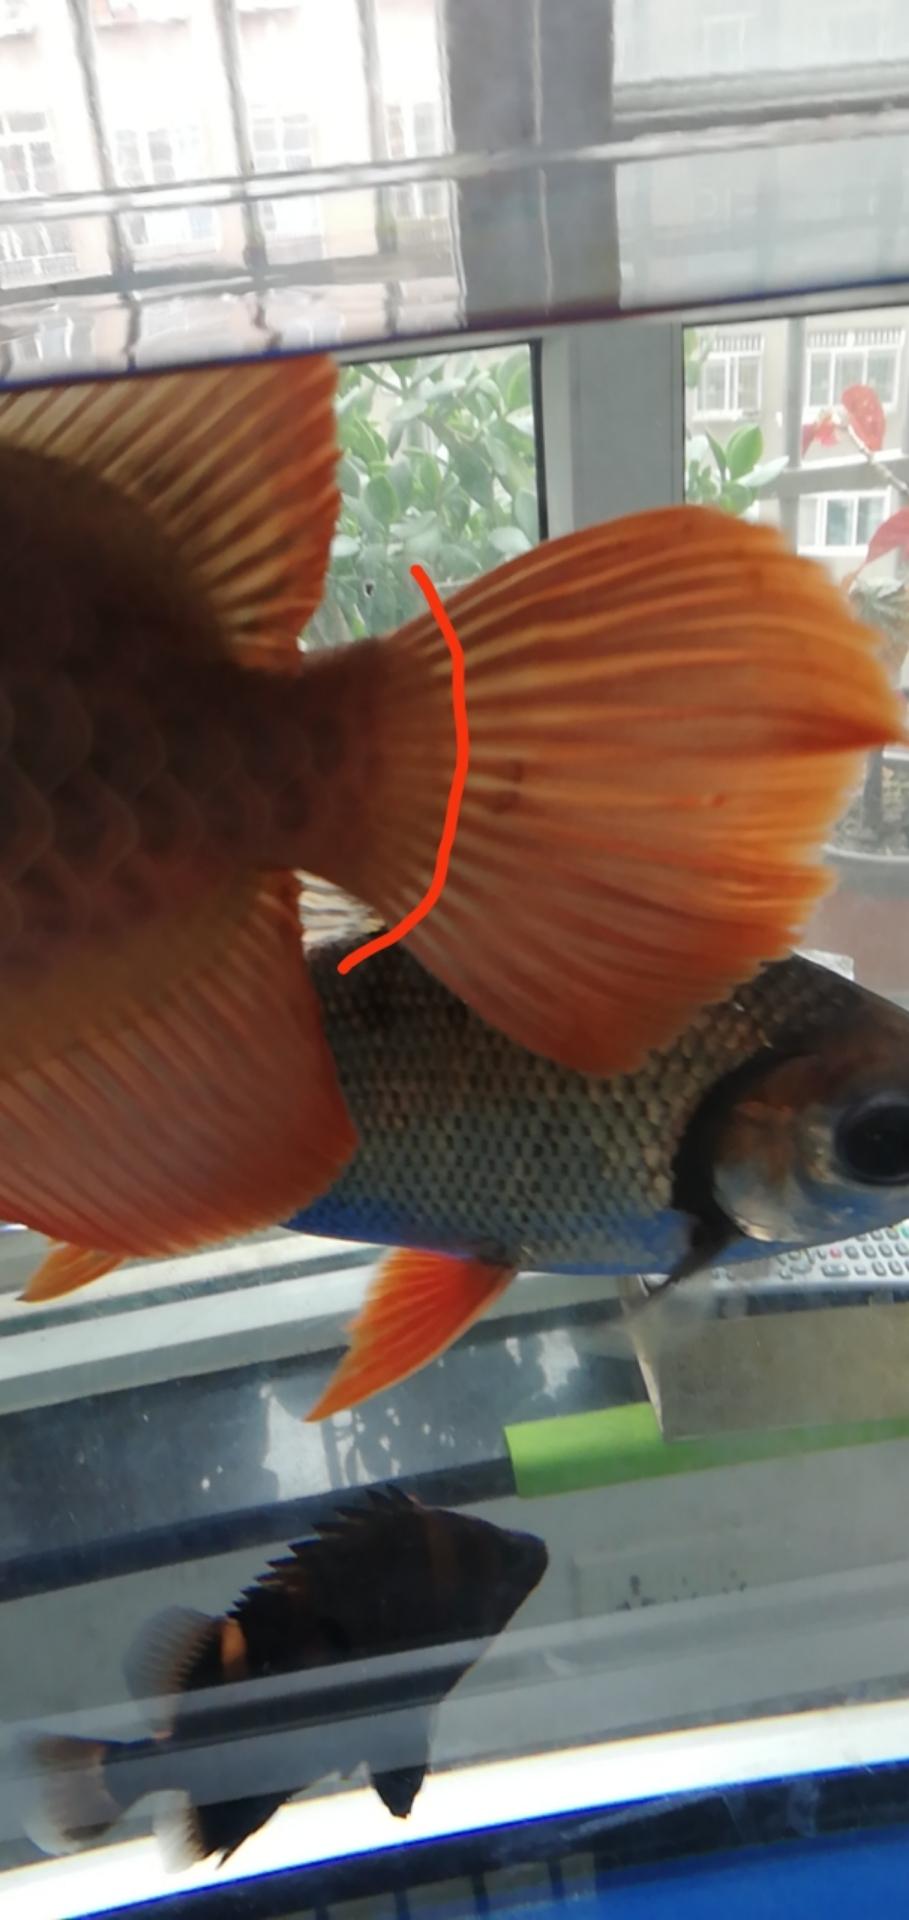 龙鱼北京魟鱼批发尾巴两根断了 北京龙鱼论坛 北京龙鱼第2张